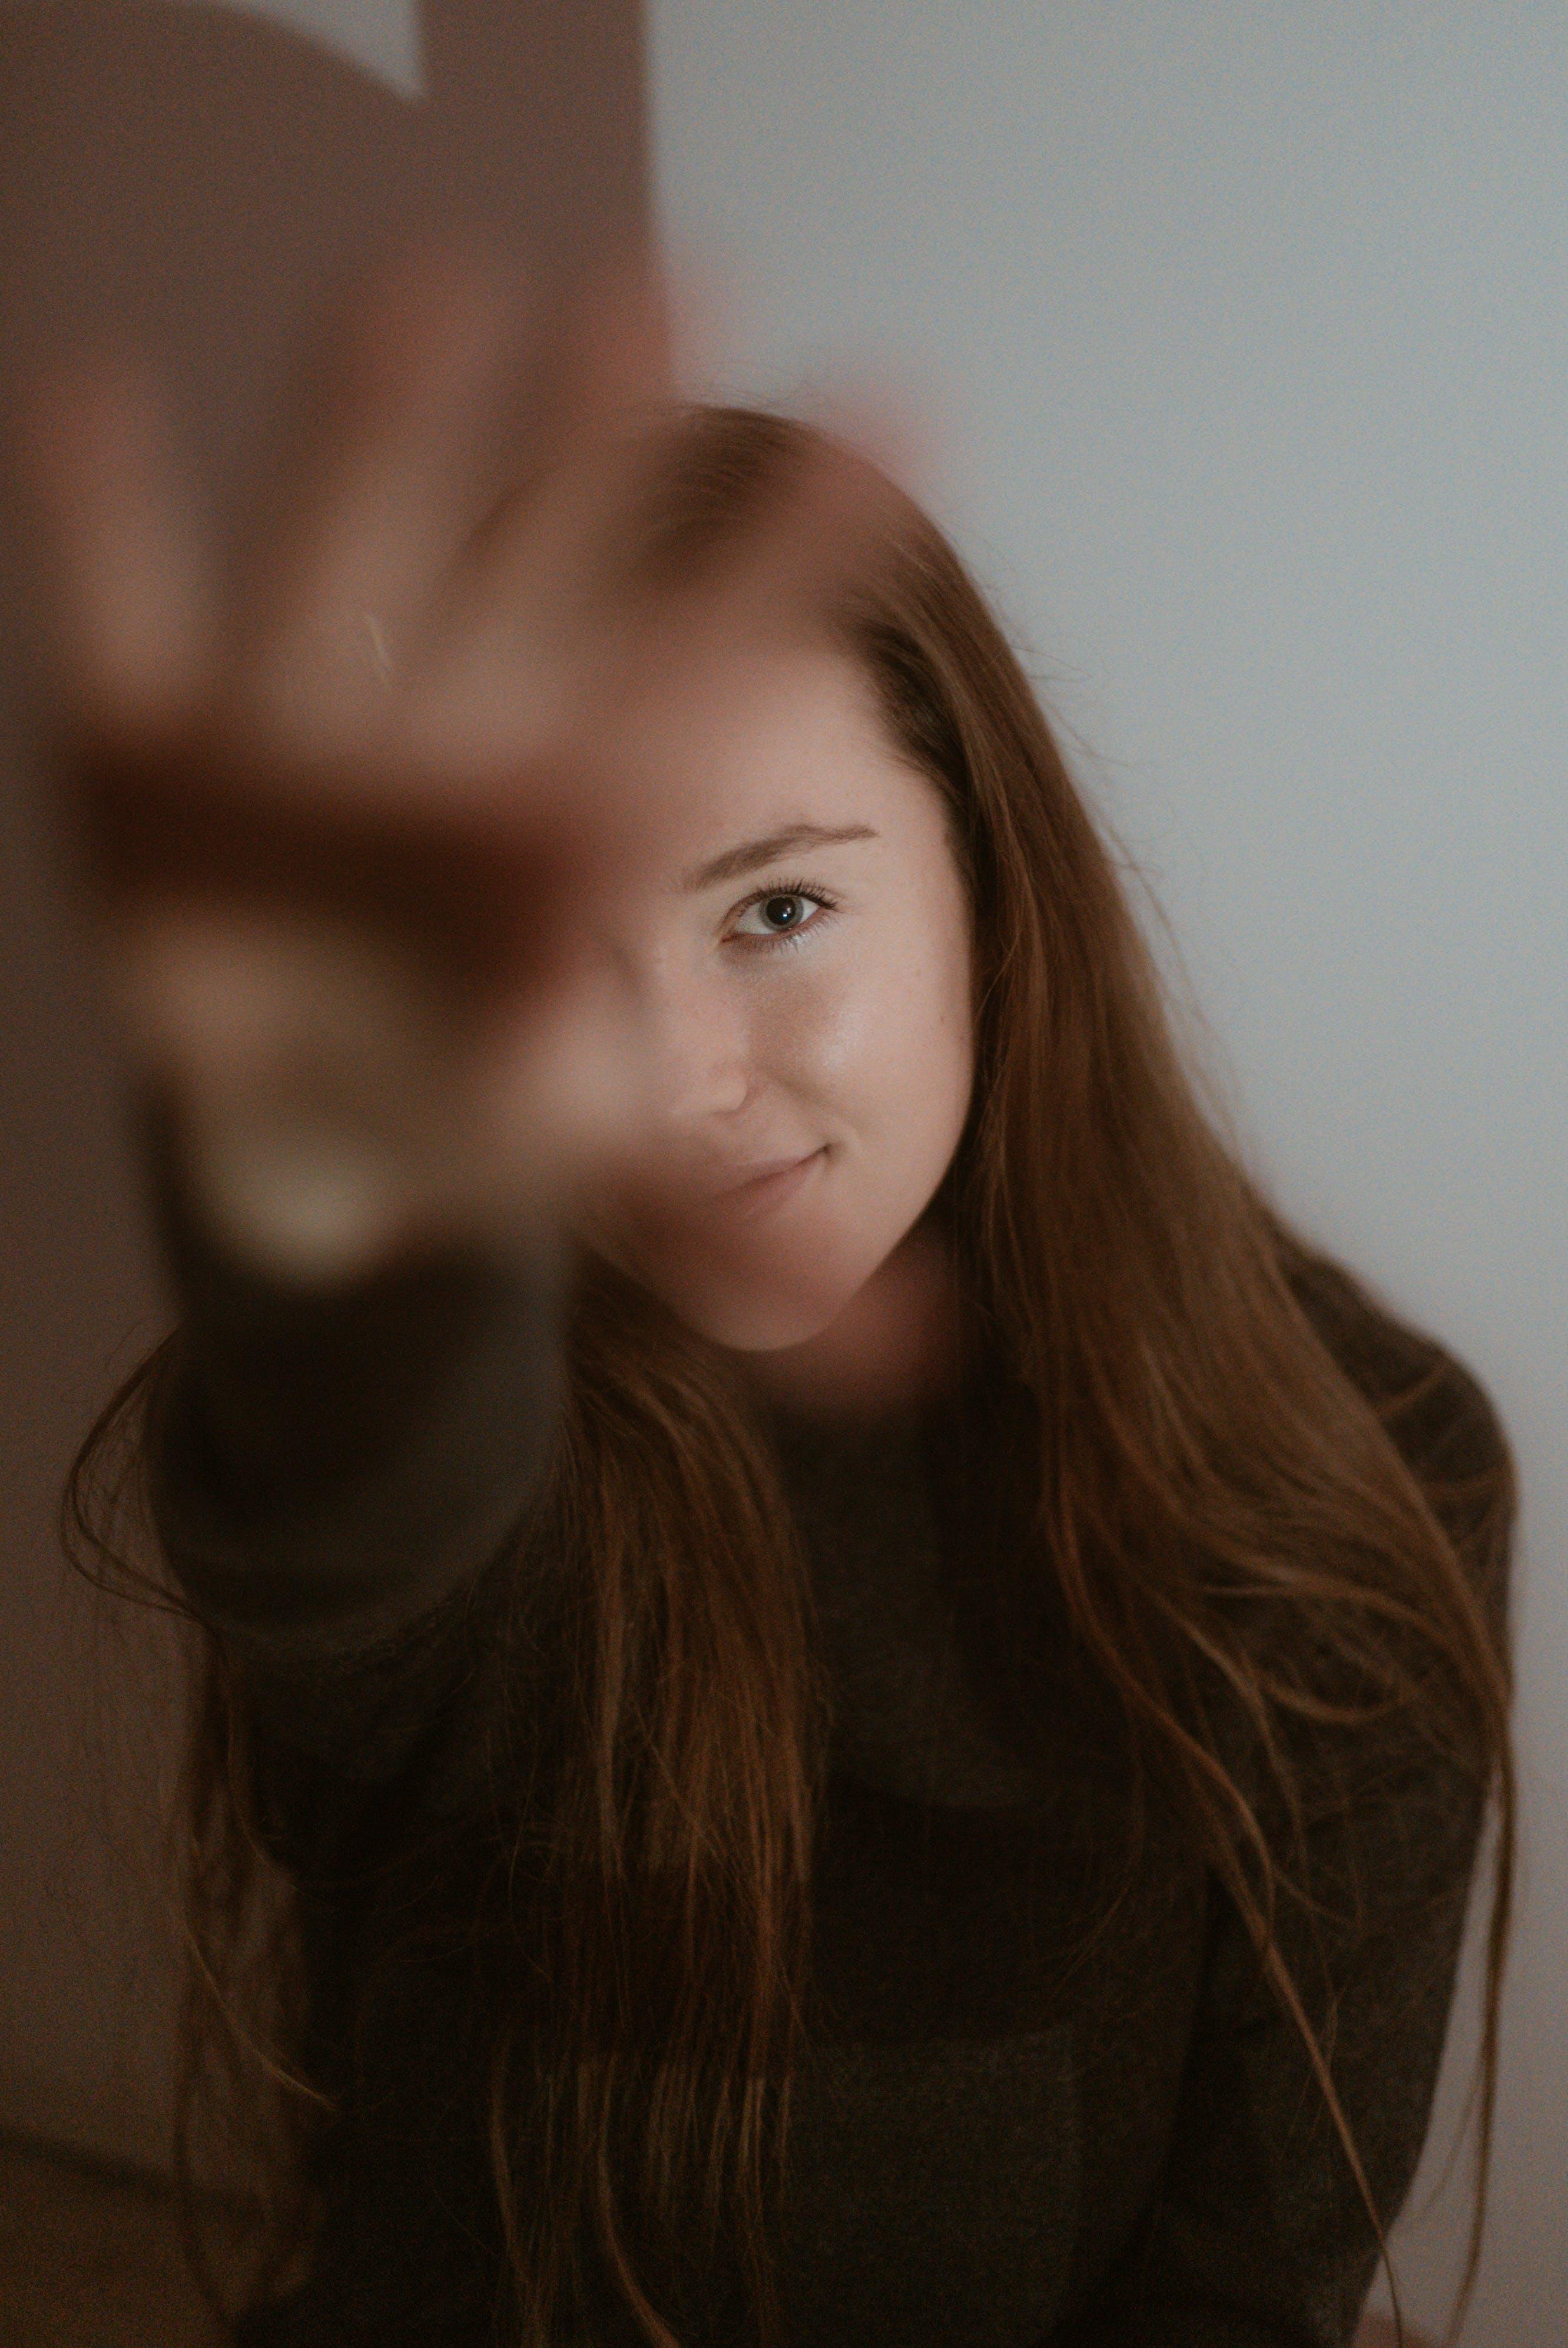 asiatka, asijská holka, atraktivní